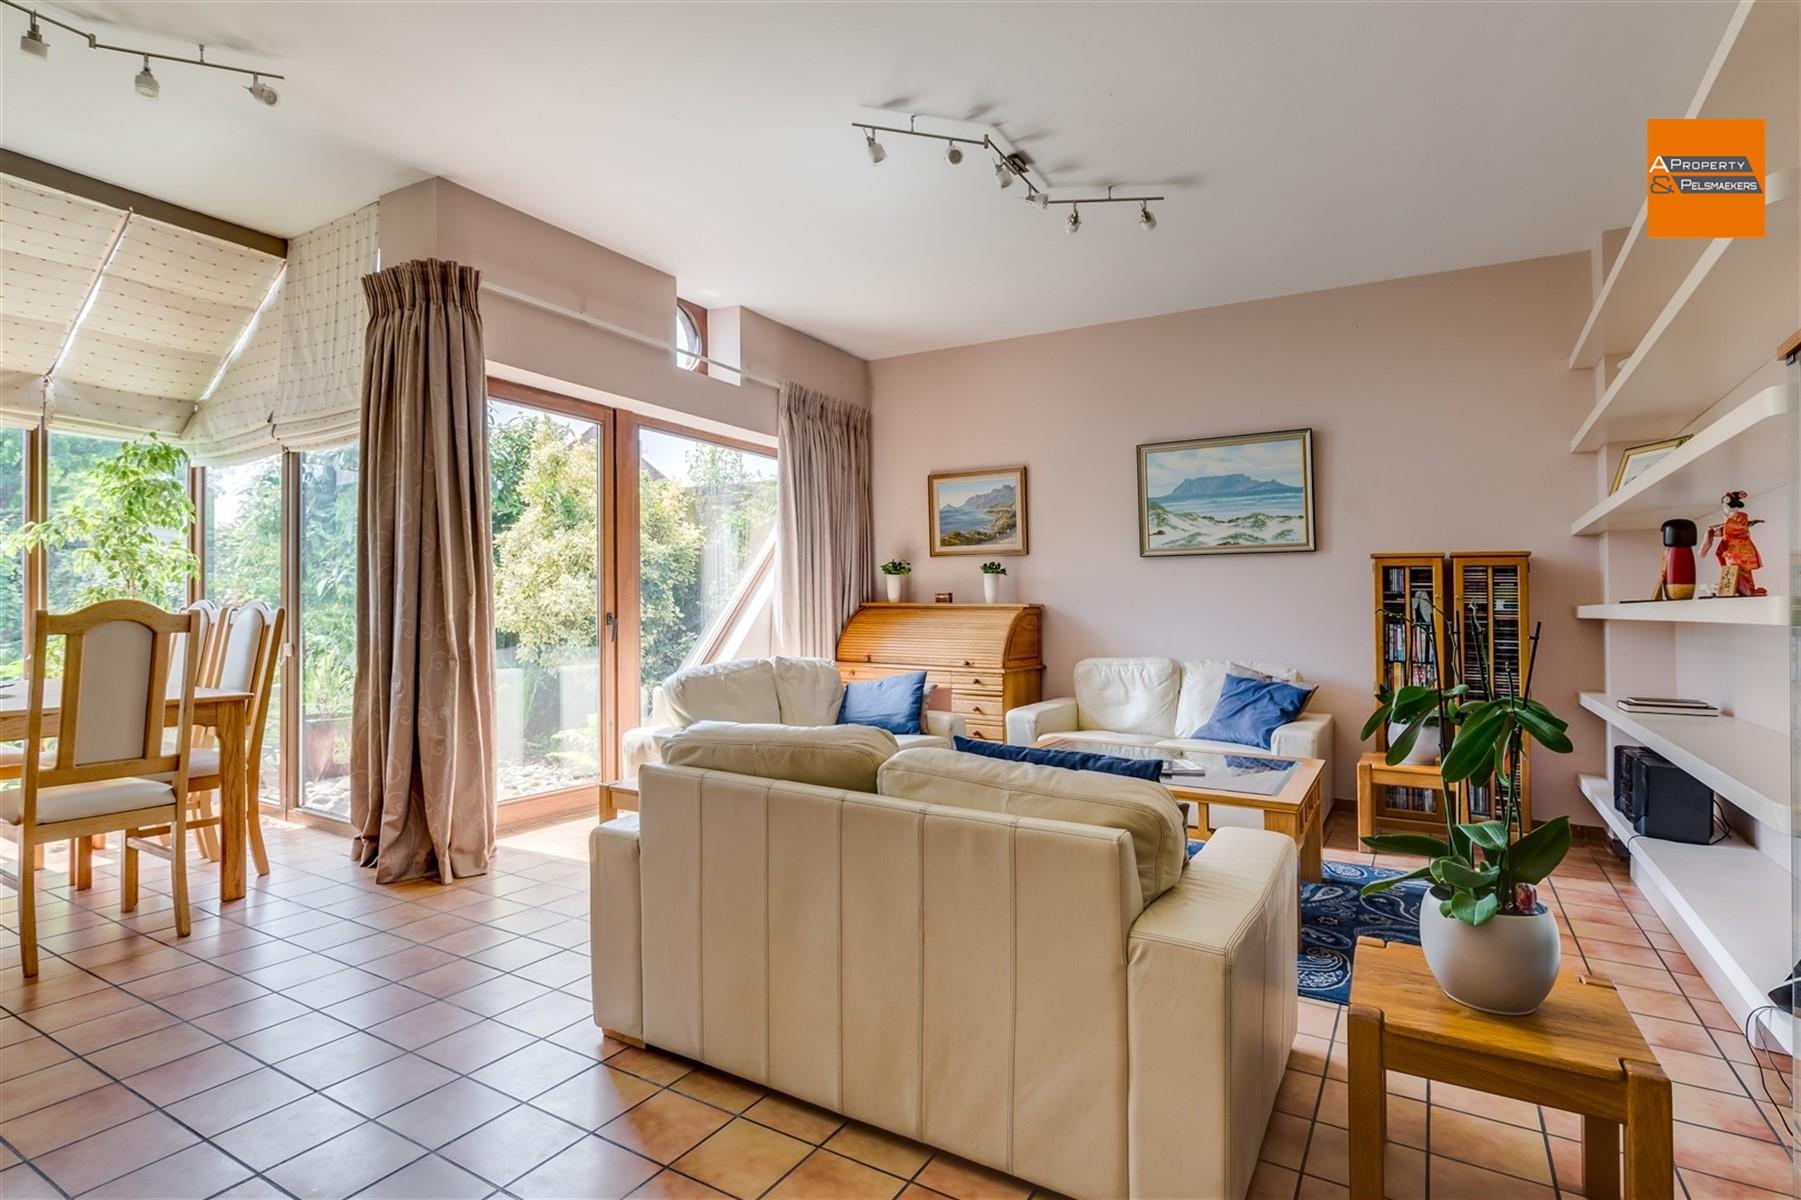 Foto 5 : Huis in 3078 EVERBERG (België) - Prijs € 467.000